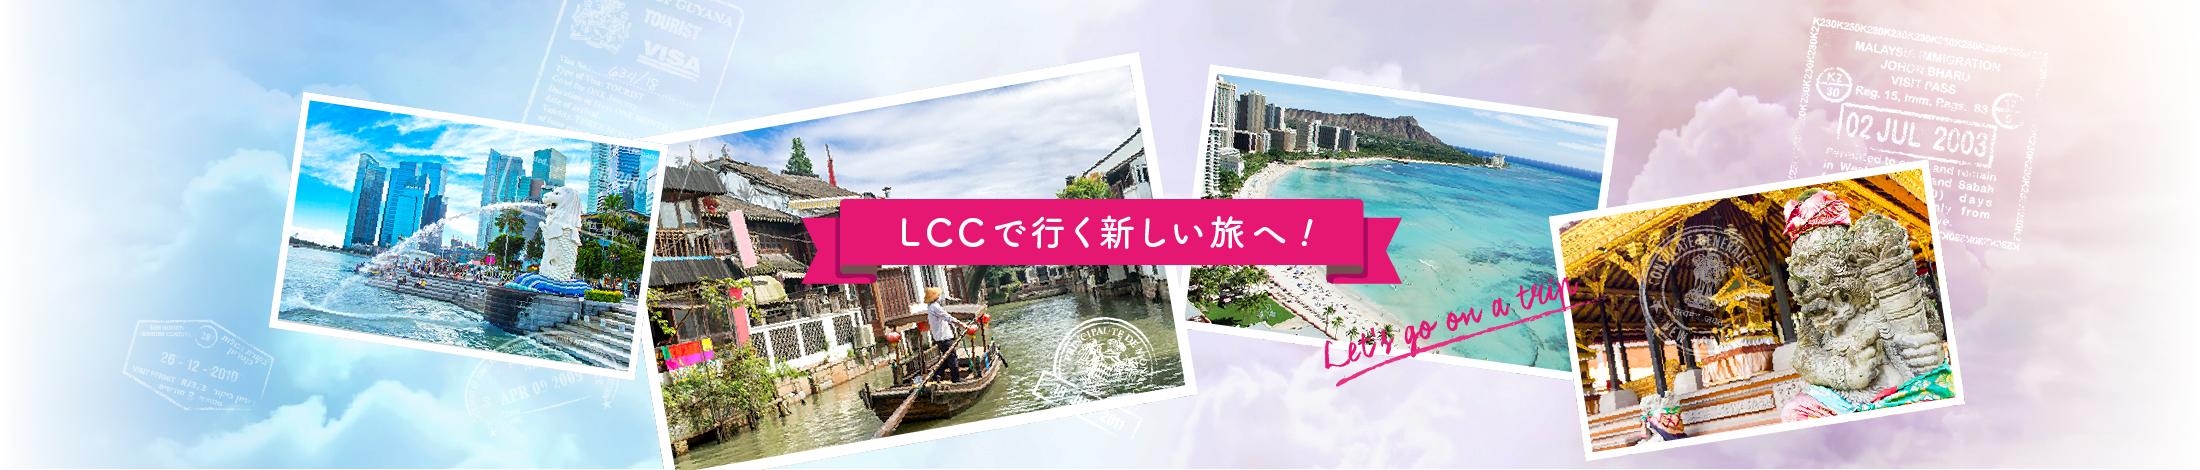 LCCで行く新しい旅へ!